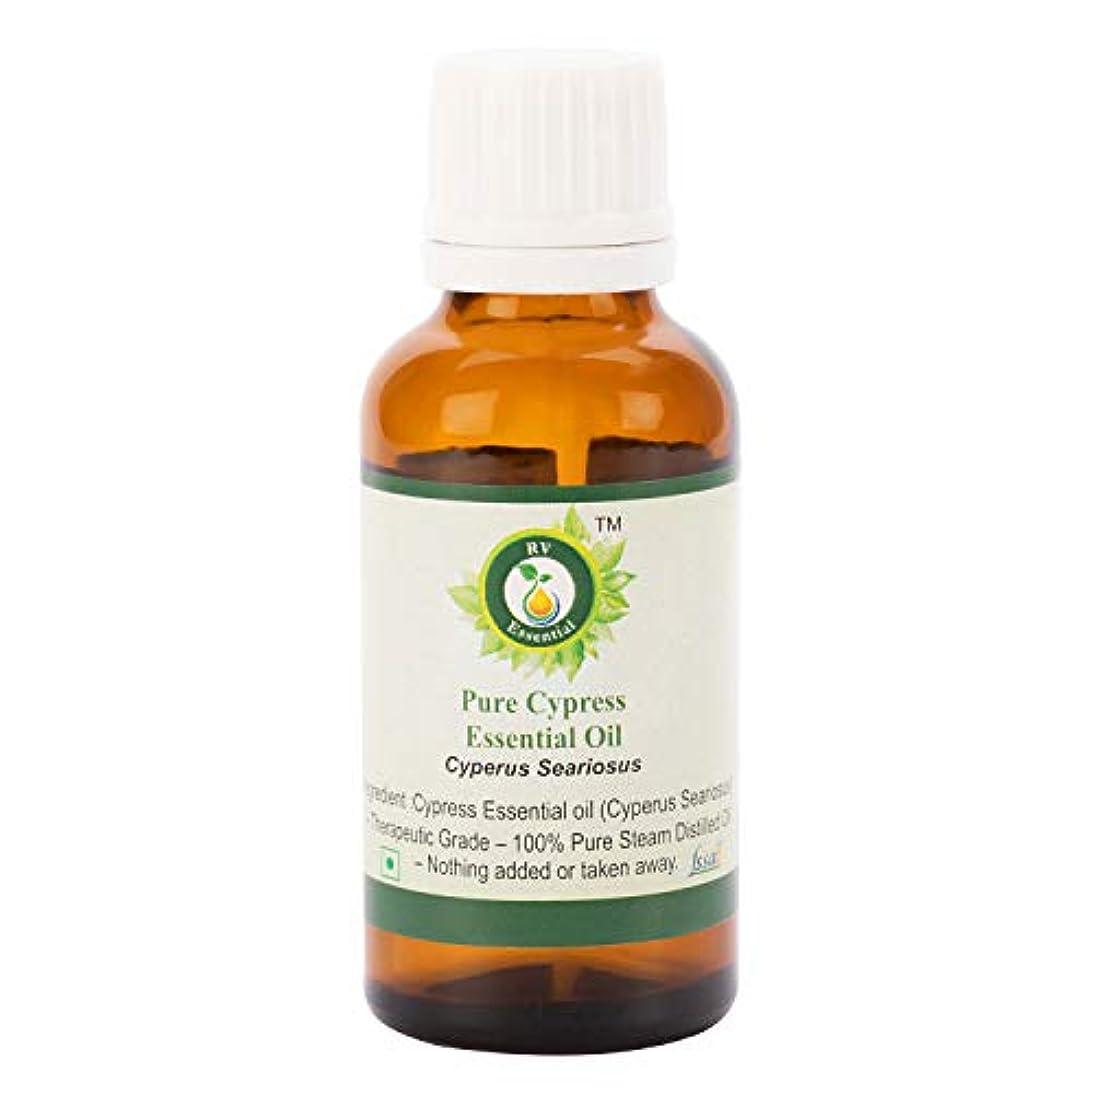 相対サイズ視聴者極地ピュアサイプレスエッセンシャルオイル100ml (3.38oz)- Cyperus Seariosus (100%純粋&天然スチームDistilled) Pure Cypress Essential Oil